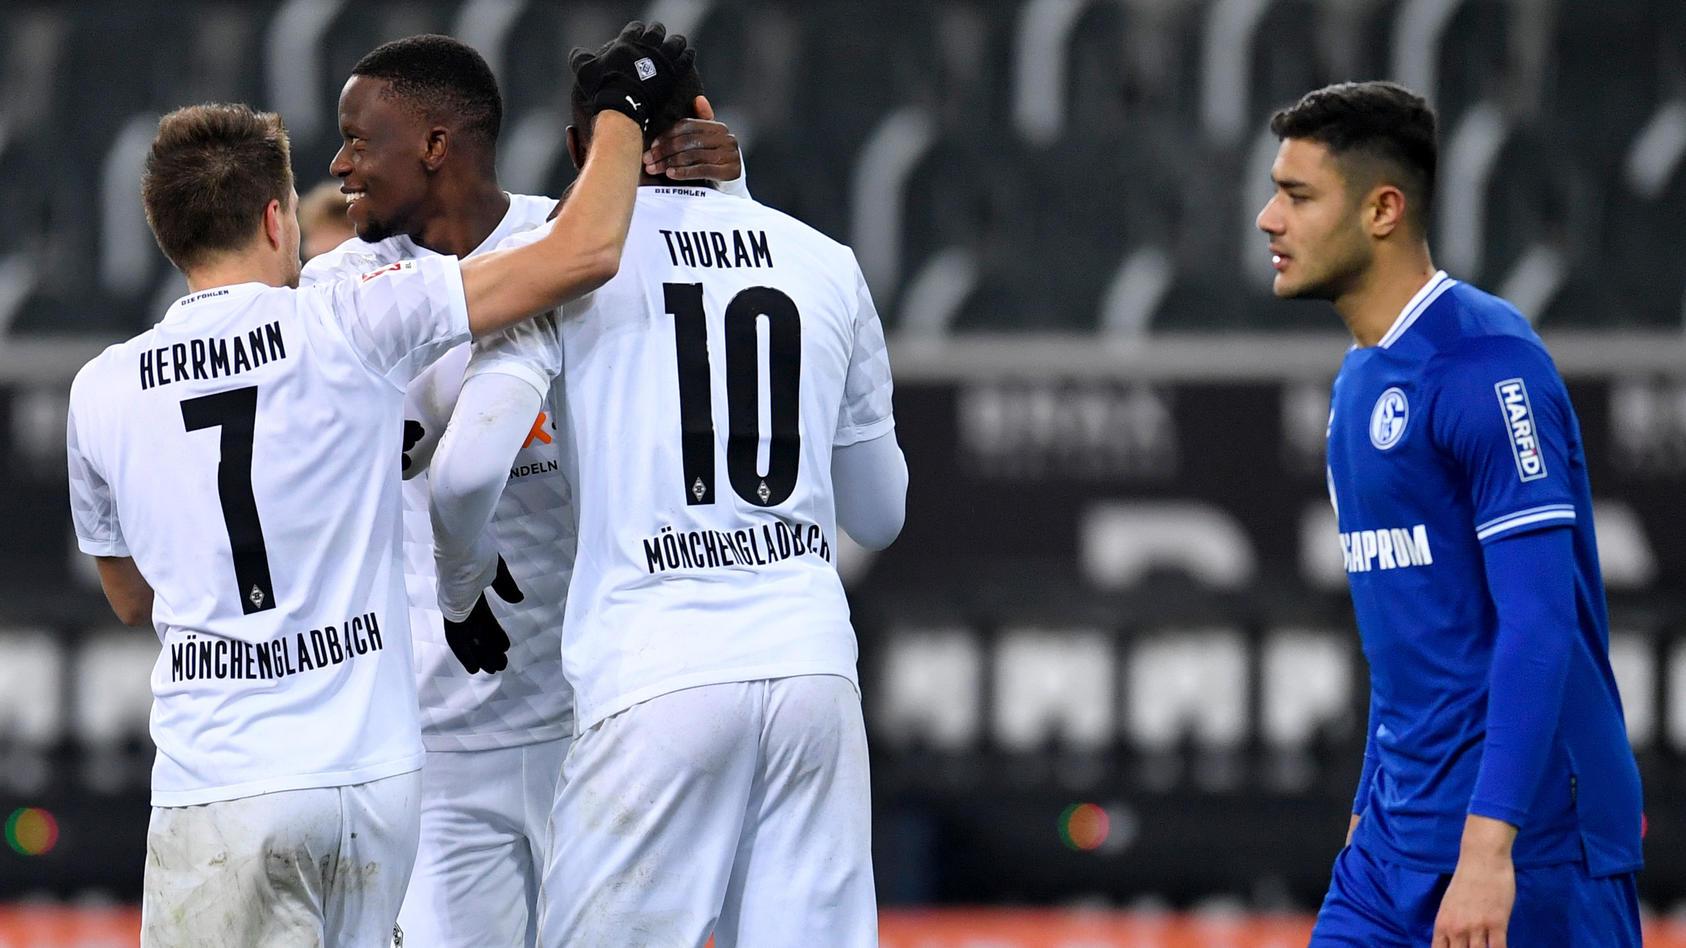 Gladbach-Stürmer Marcus Thuram erzielte das zwischenzeitliche 3:1 gegen Schalke